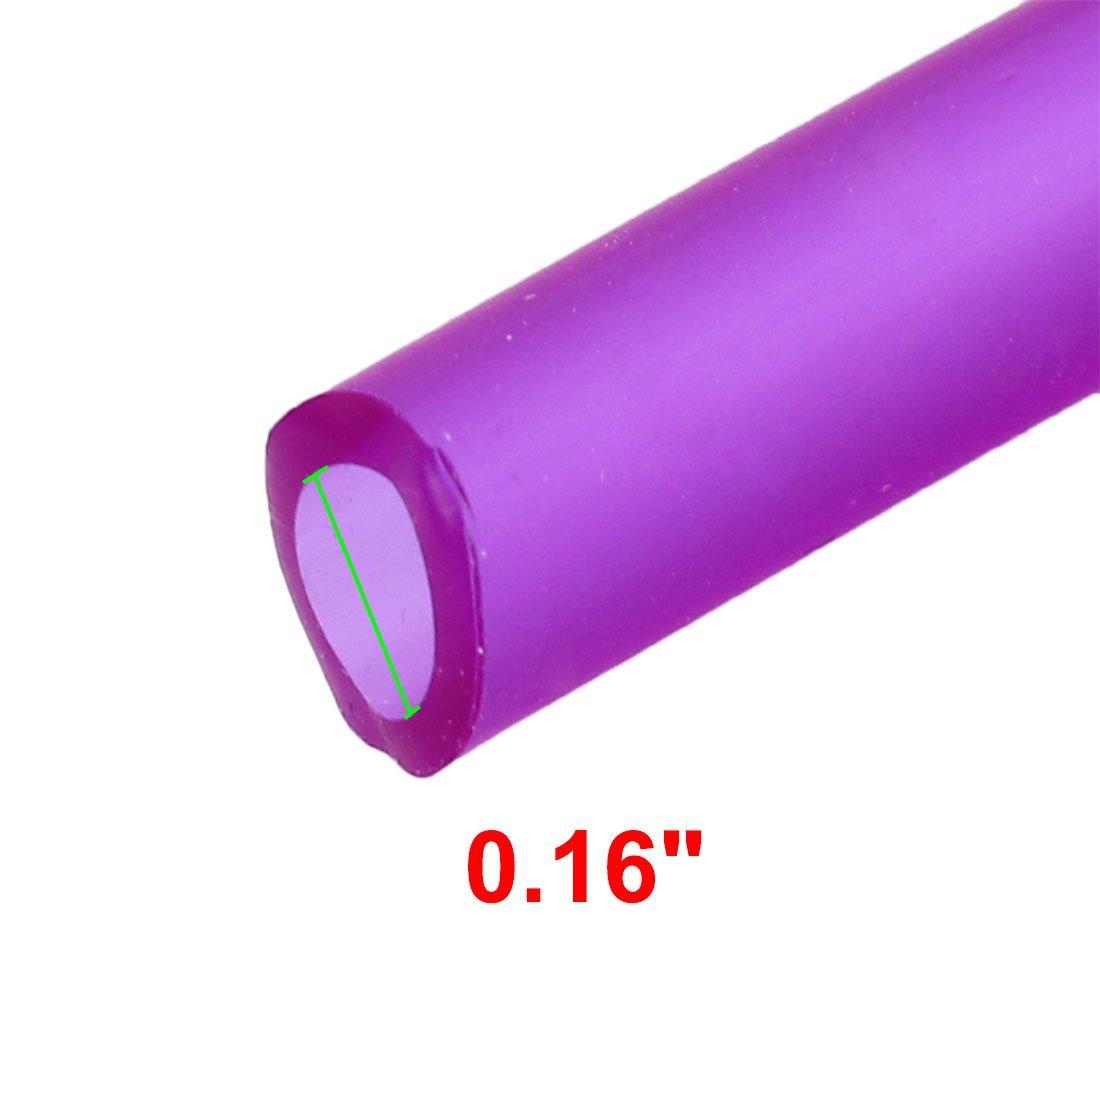 Amazon.com : eDealMax T de PVC en Forma de acuario de la válvula de aire Tubo Flexible de oxígeno circulan el tubo 5.1M Longitud púrpura : Pet Supplies